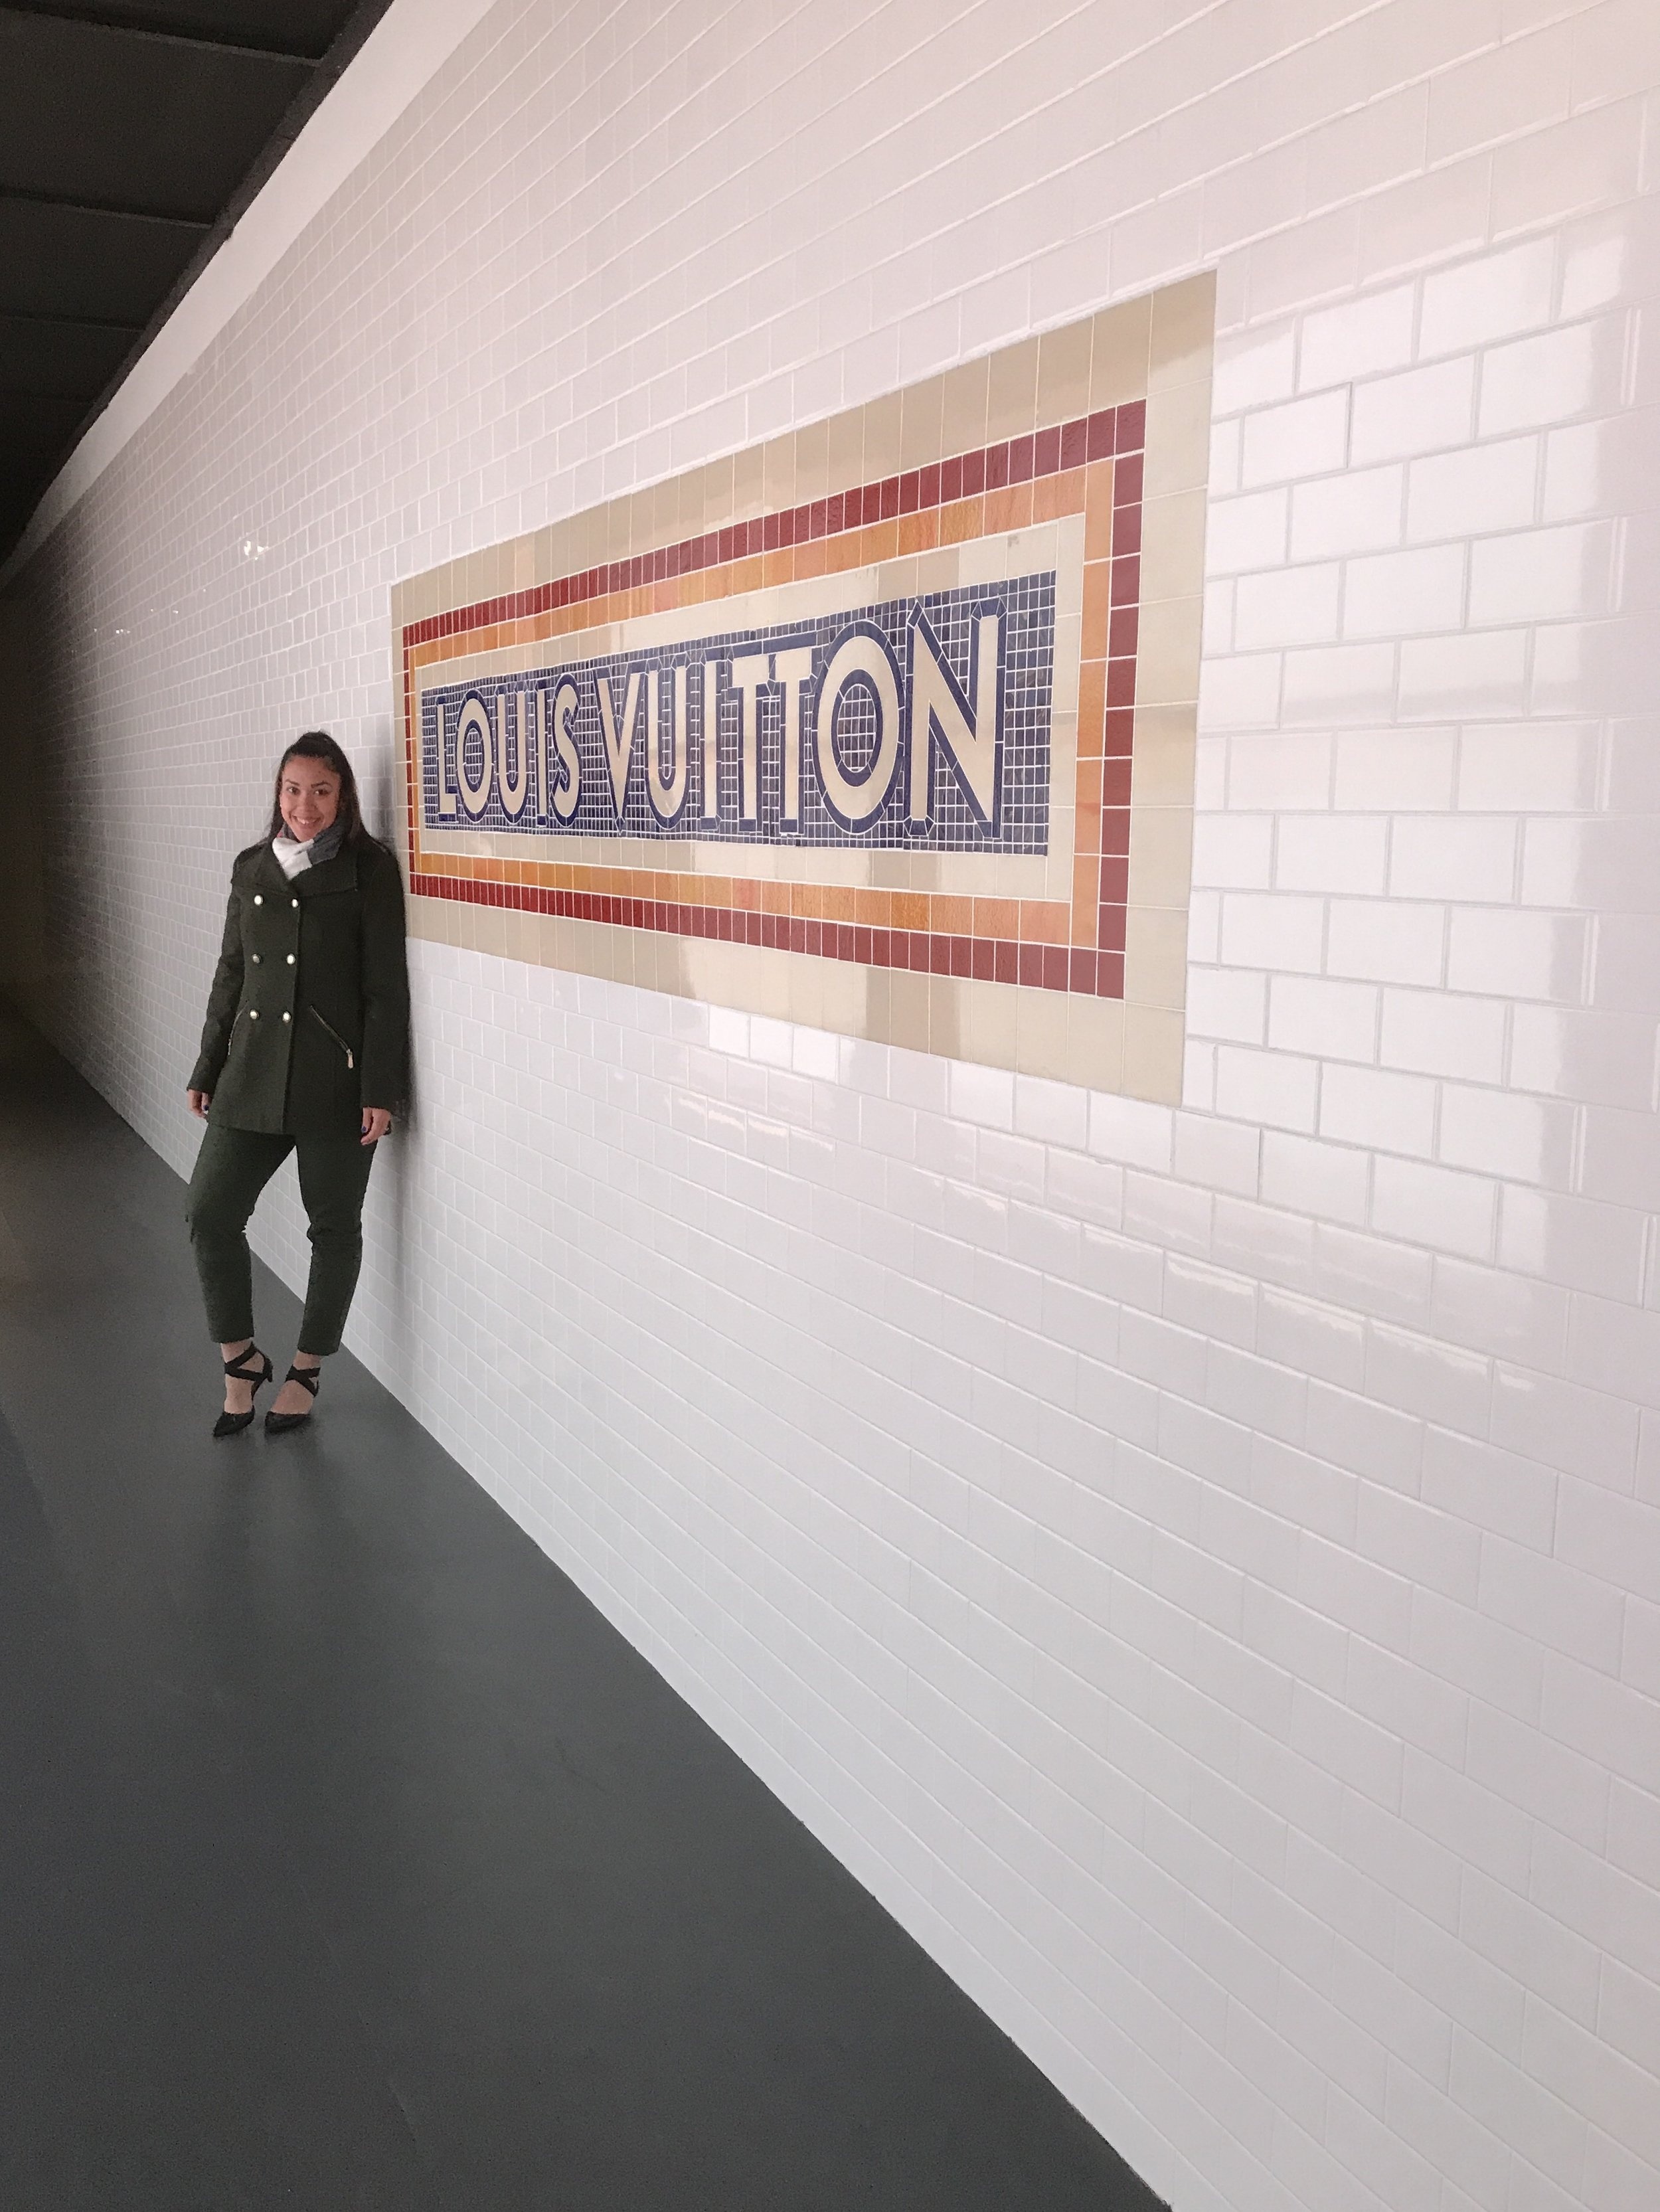 Louis Vuitton volez voguez voyagez.jpg